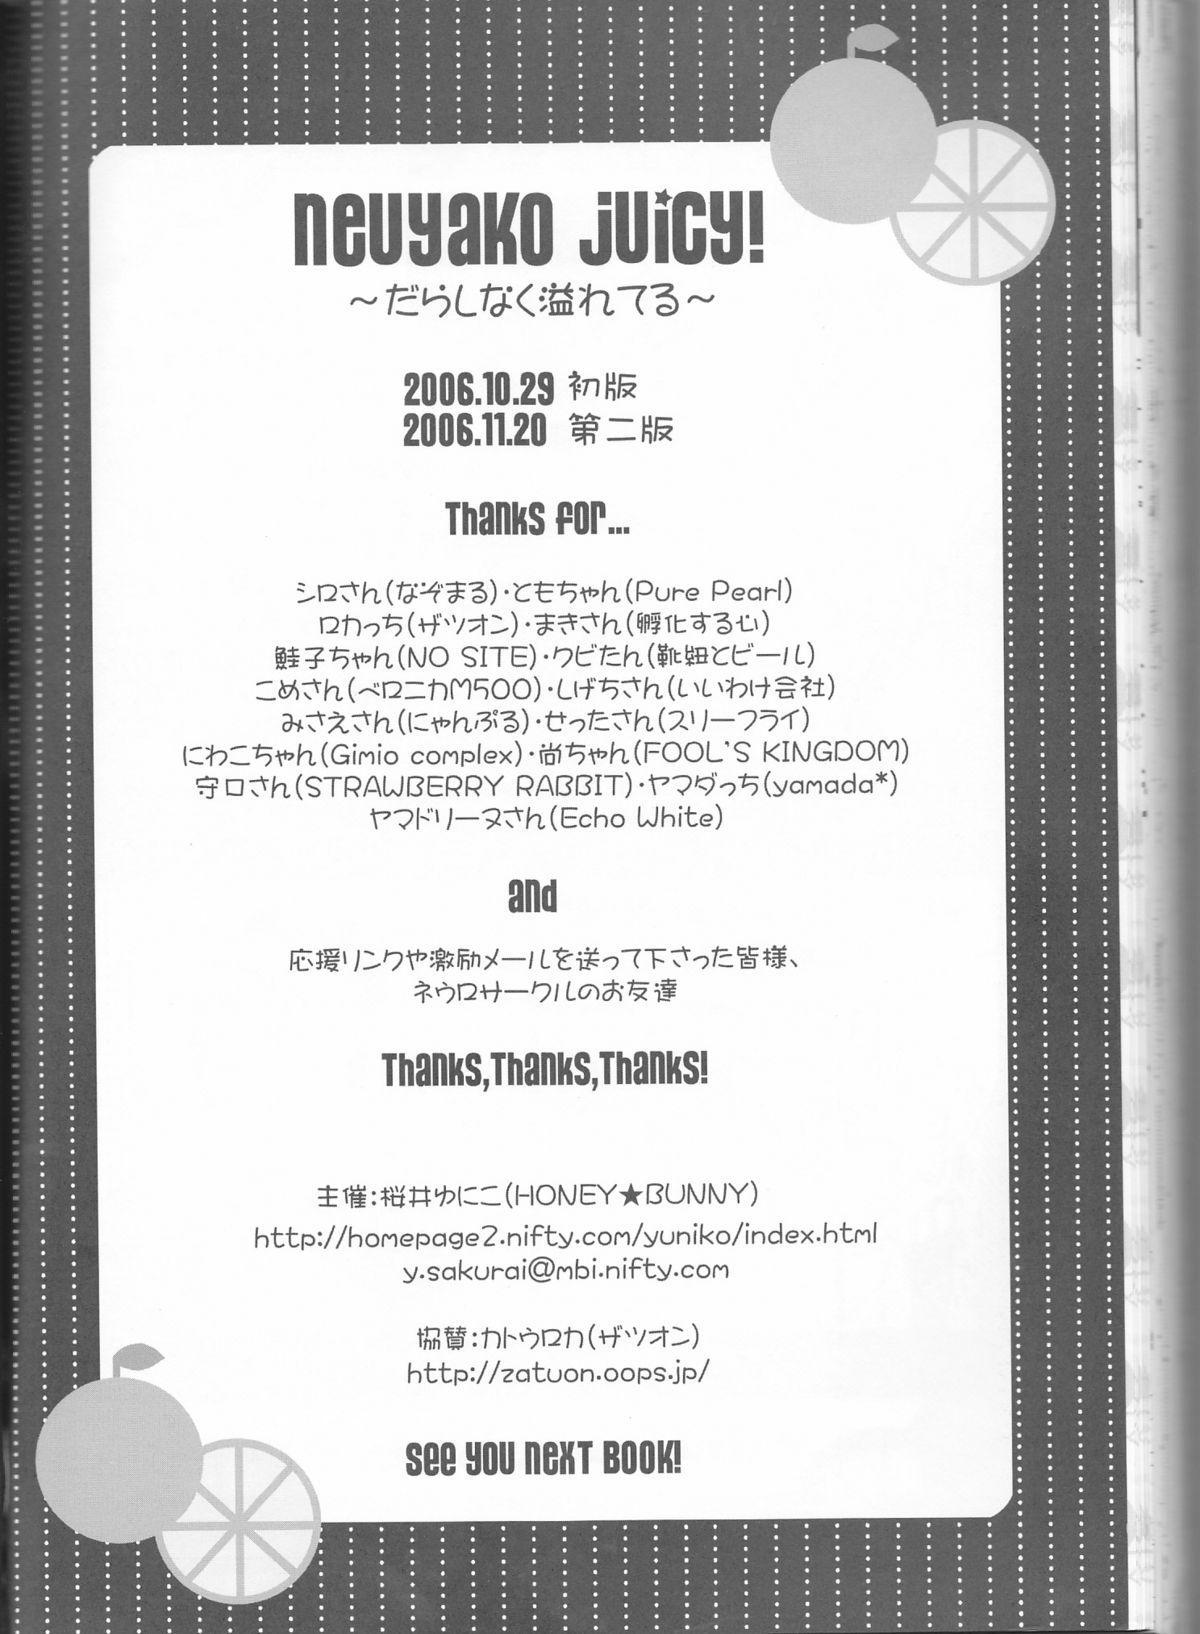 Neuyako 18 kin kikaku hon neuyako JUICY! 91